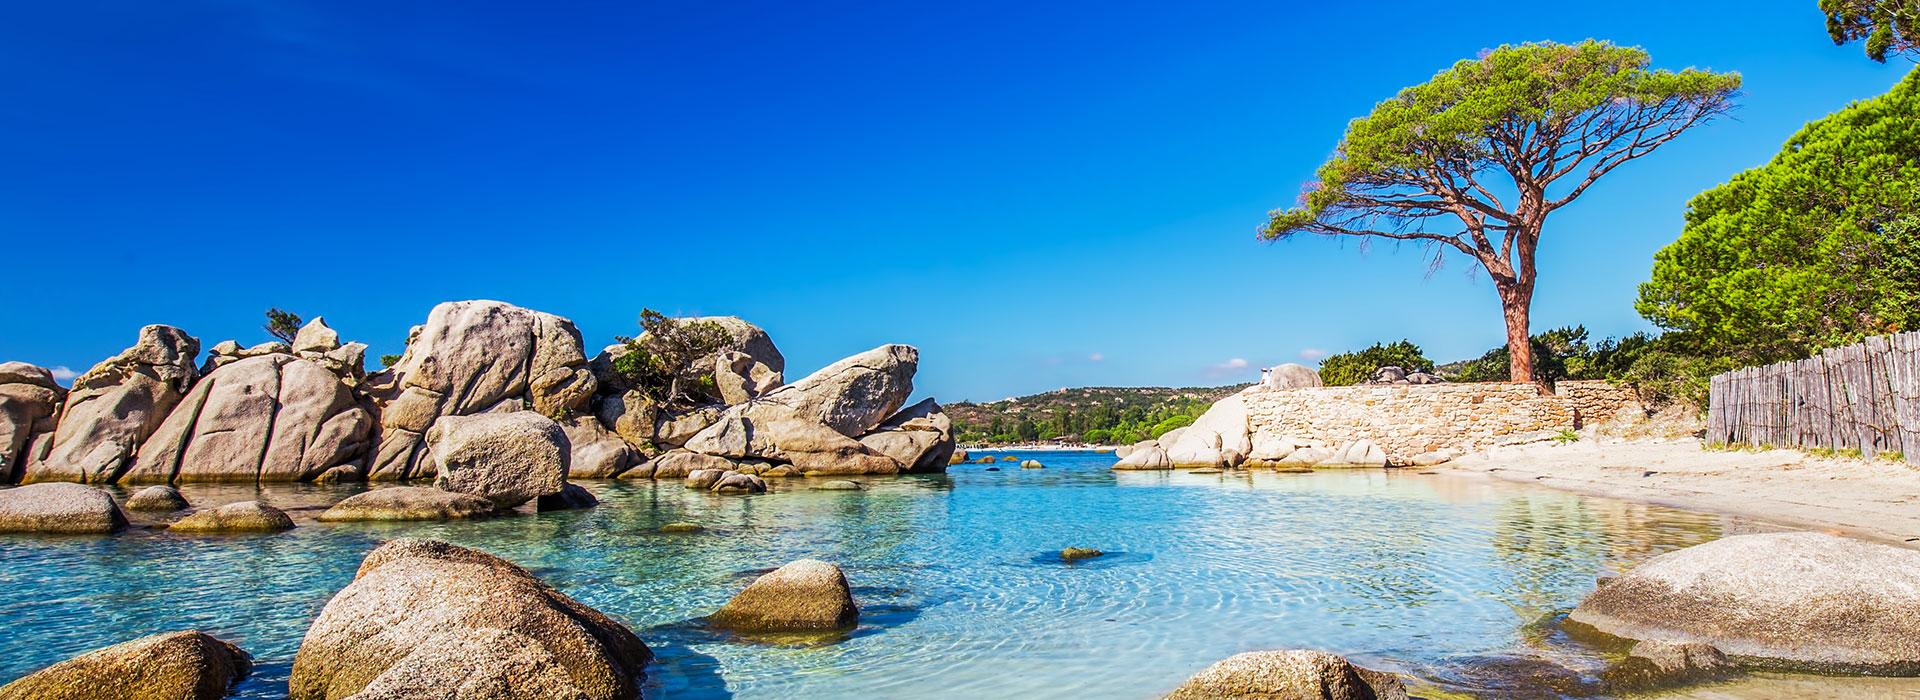 vacanza in corsica mete e itinerari di viaggio da fare